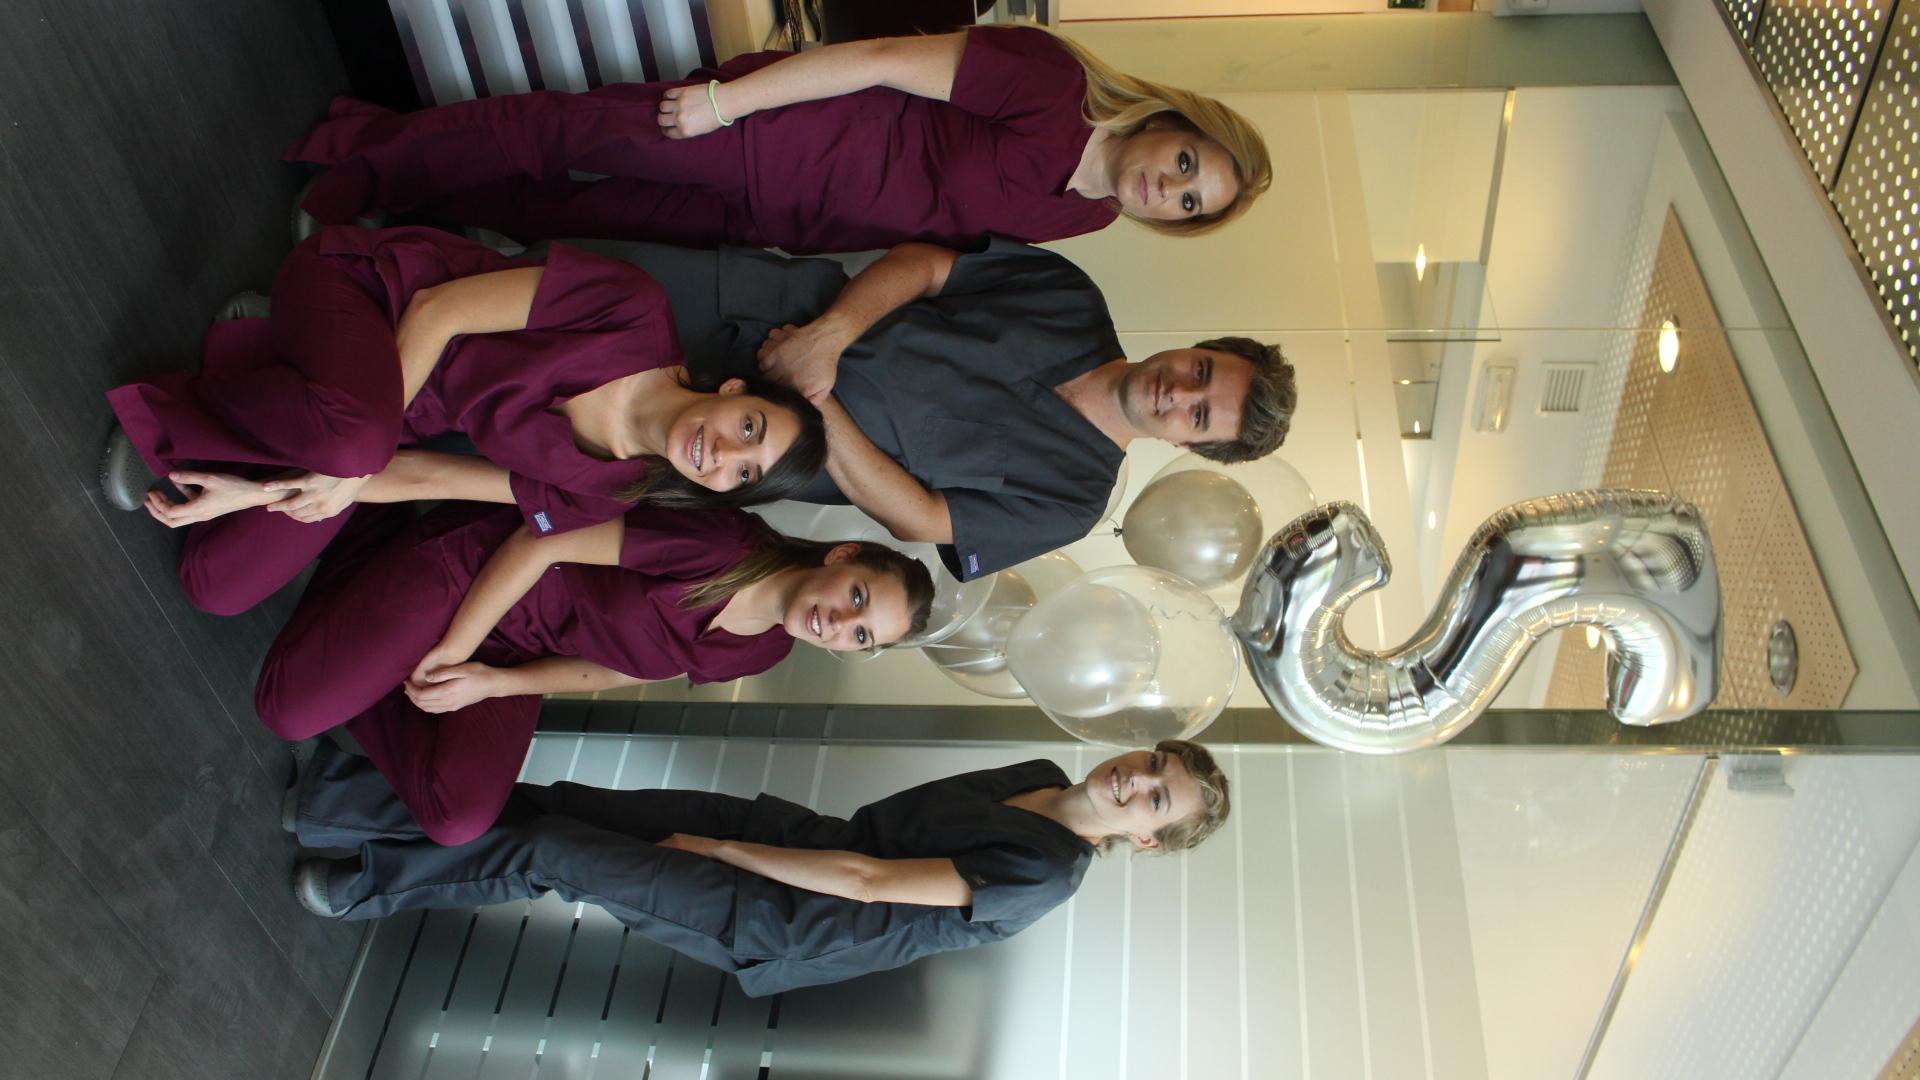 Aniversario clinica ortodoncia madrid - Clinica dental castellana ...